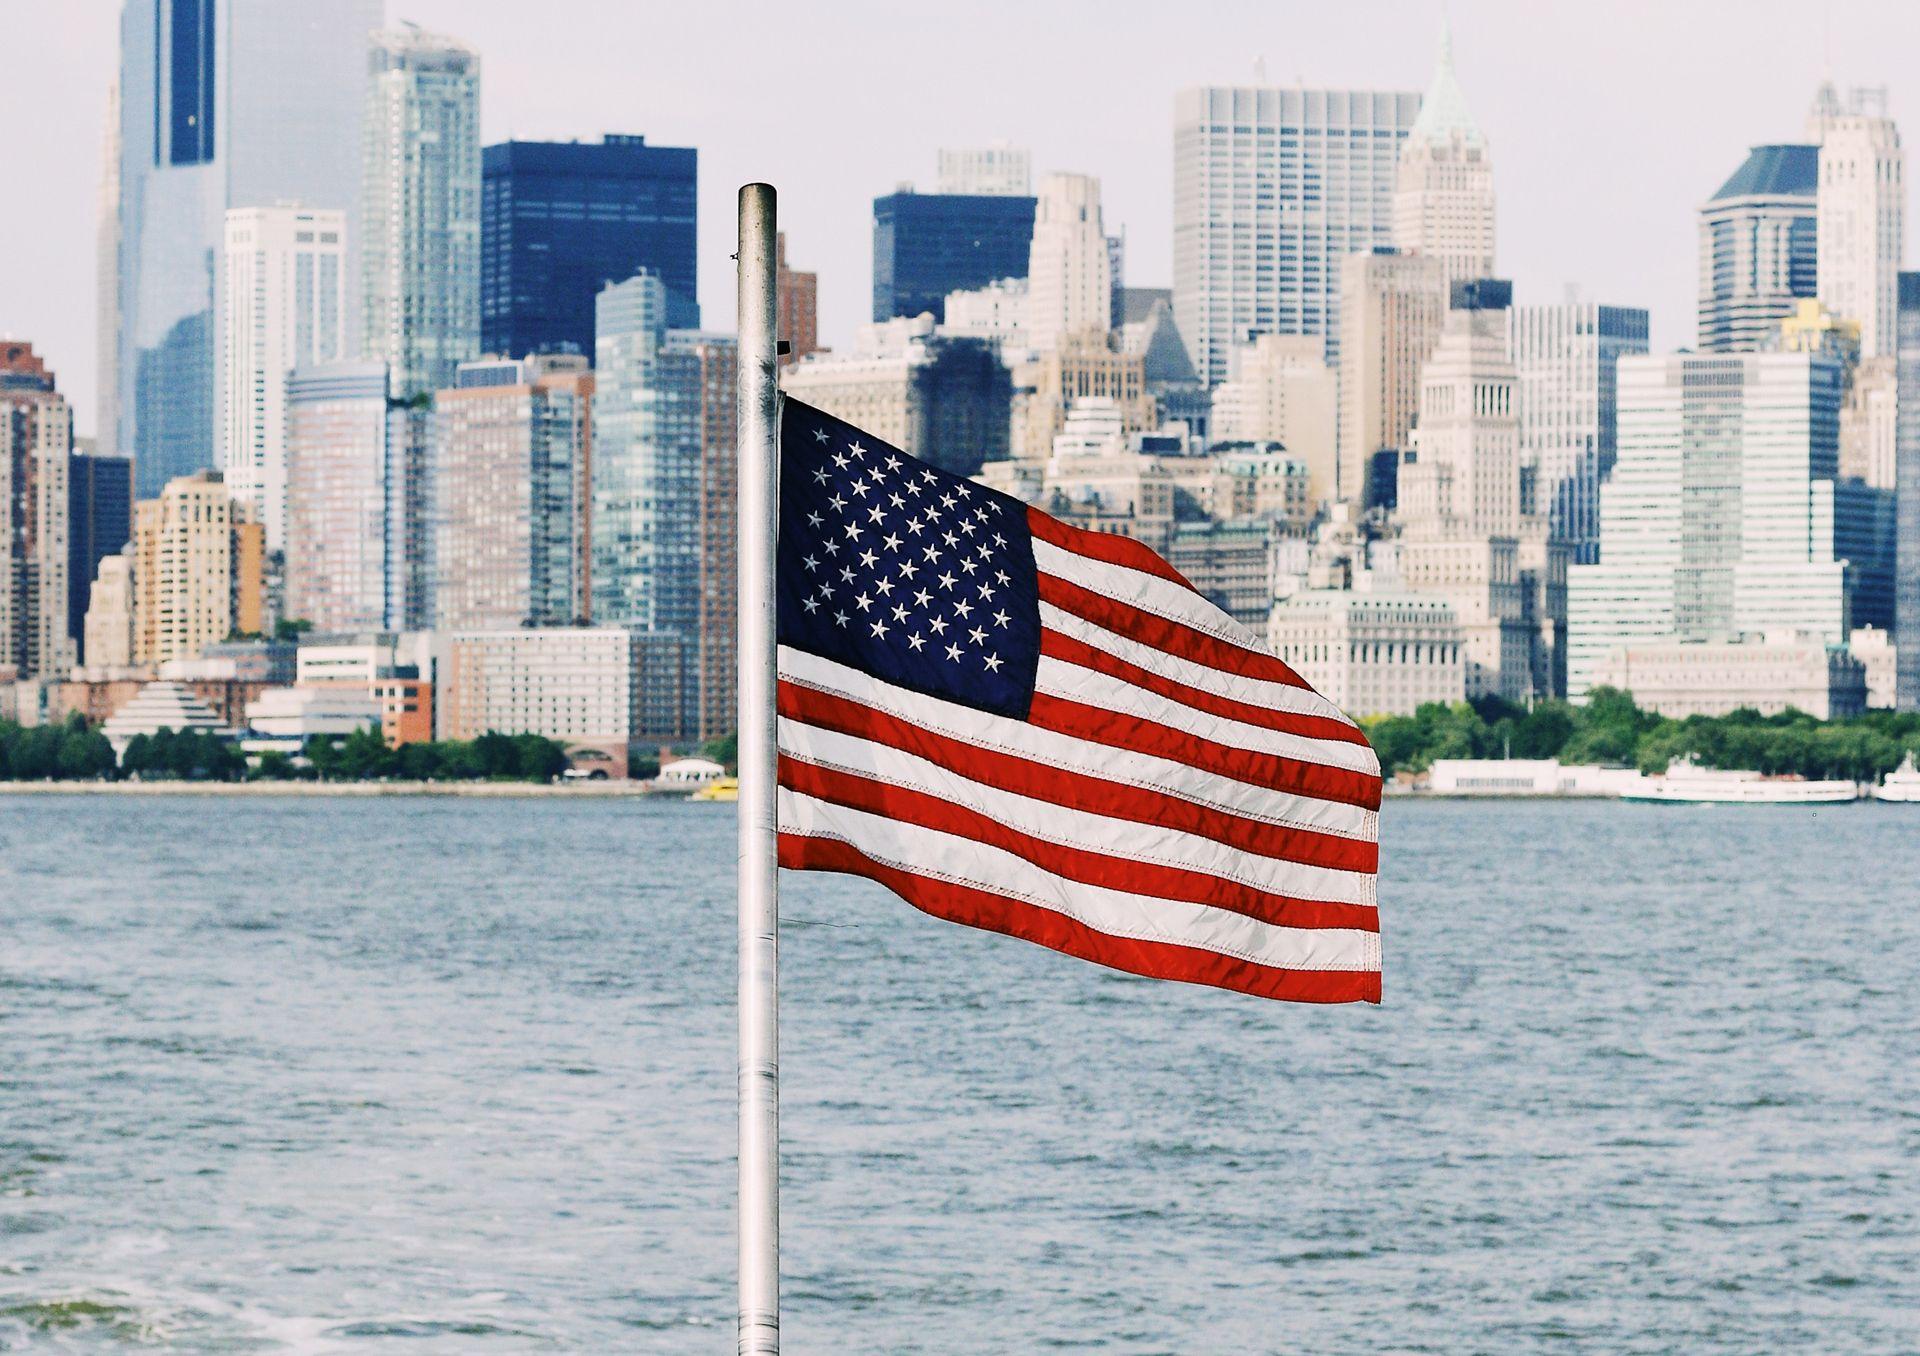 США збільшили фінансову допомогу на посилення безпеки в Україні